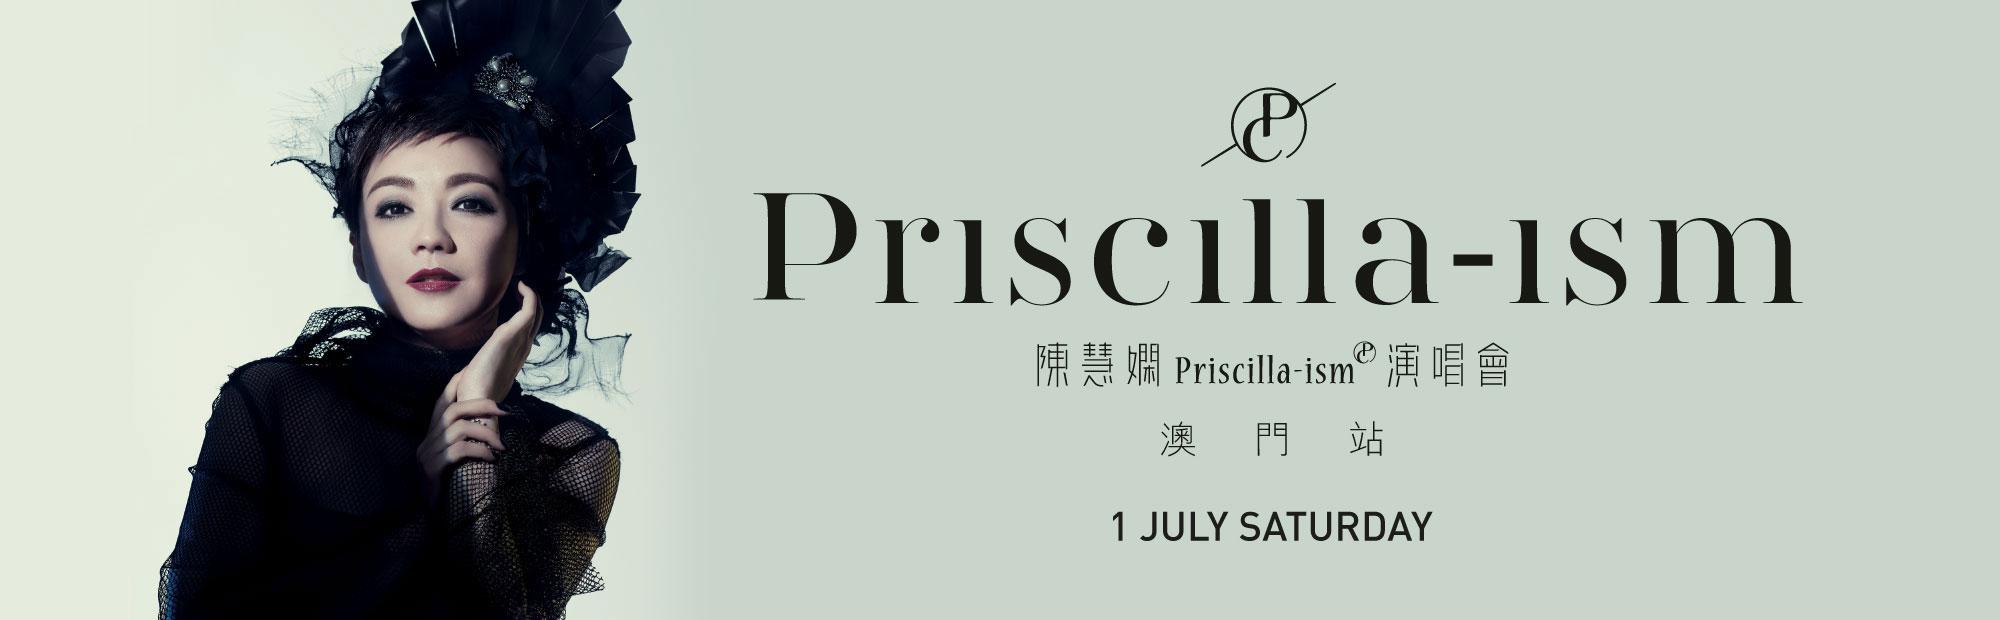 Priscilla Chan《Priscilla-ism》Concert in Macao